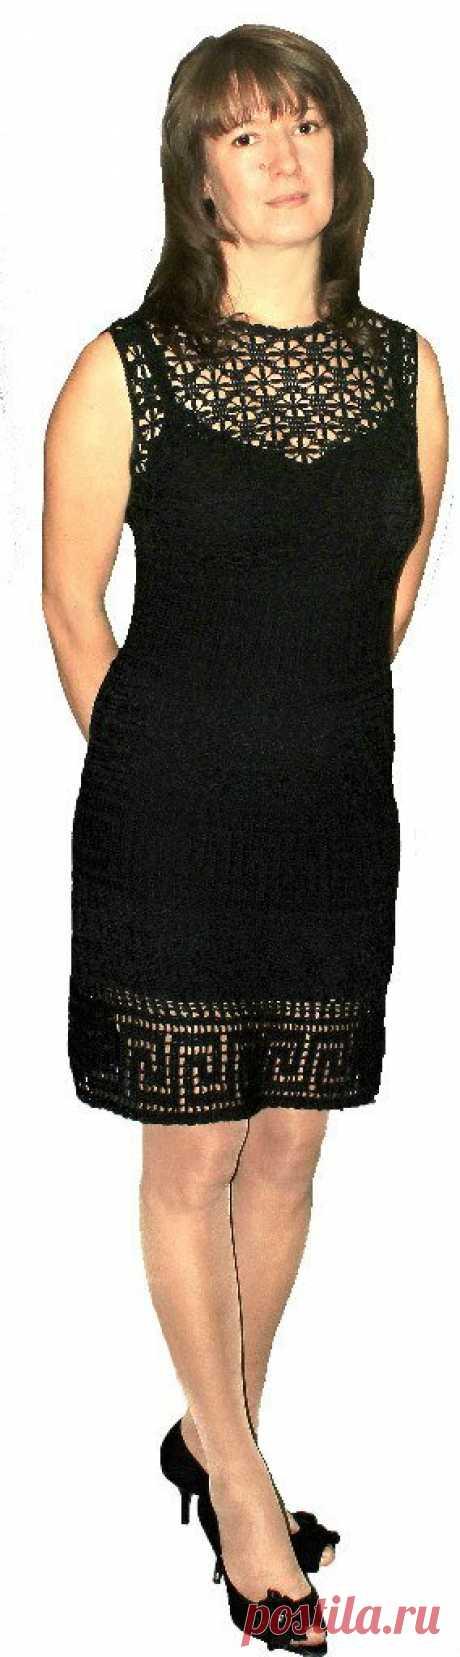 Маленькое черное платье крючком, схема узора   Олишна из третьего подъезда   Яндекс Дзен